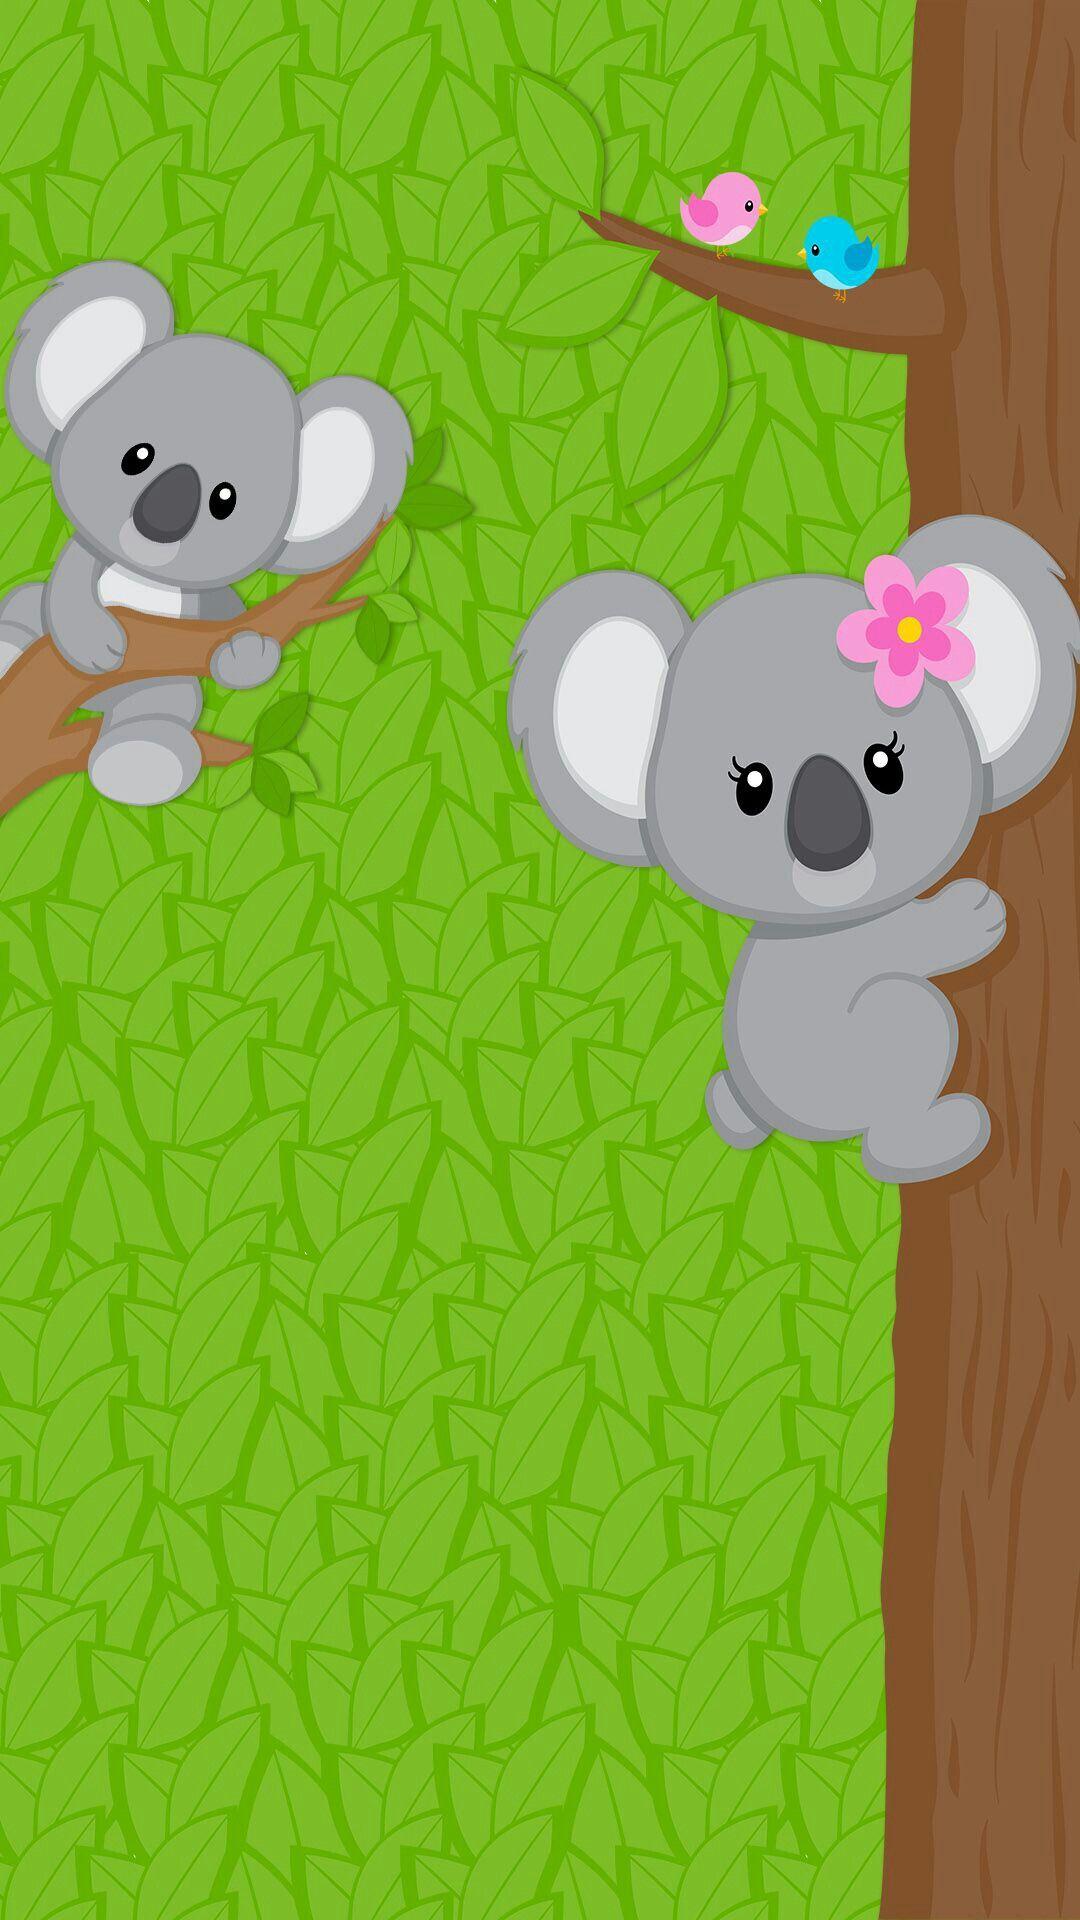 Most Inspiring Wallpaper Koala Cartoon - 08ac562fadc04ef5a43b7d9316bd5a32  Graphic_981375   .jpg